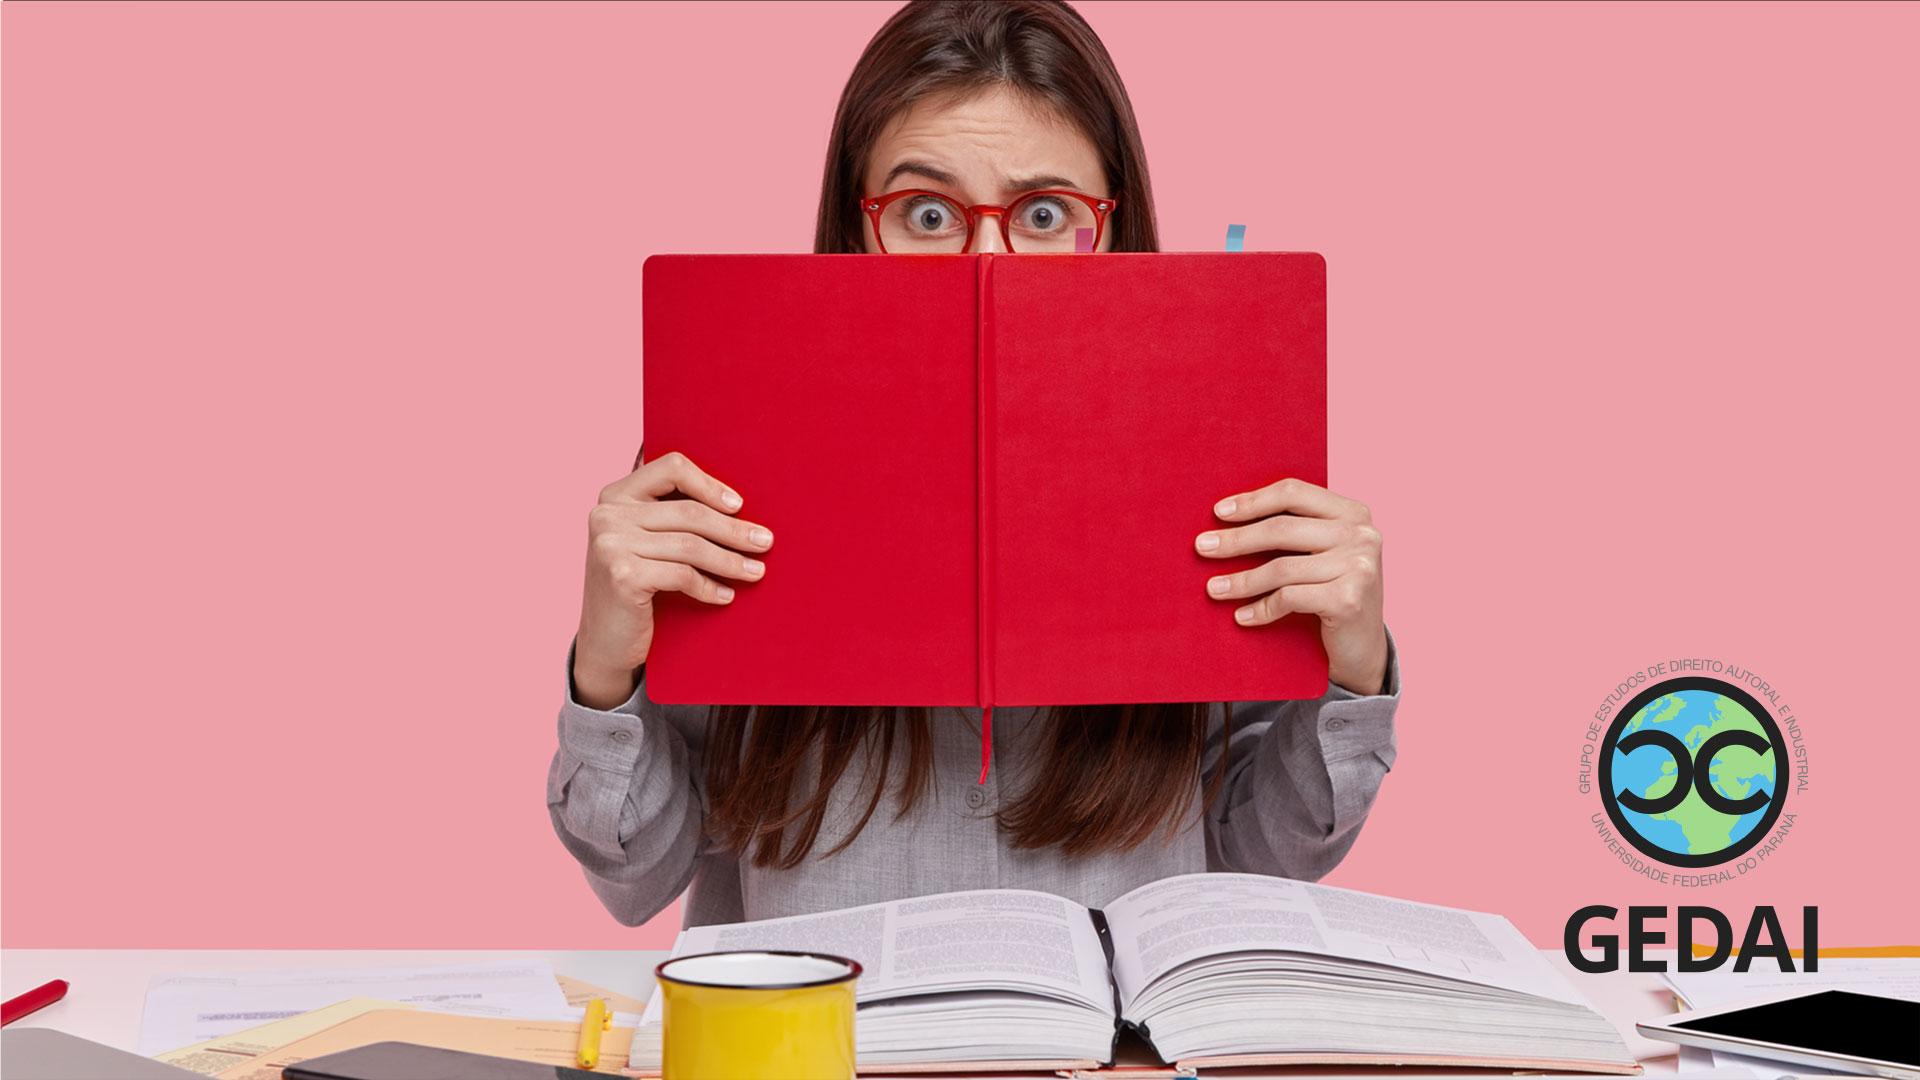 Read more about the article APROFUNDANDO AS CAUSAS DA PRÁTICA DE PLÁGIO:  Análise das razões inerentes ao sistema de educação universitária e de  produção acadêmica.